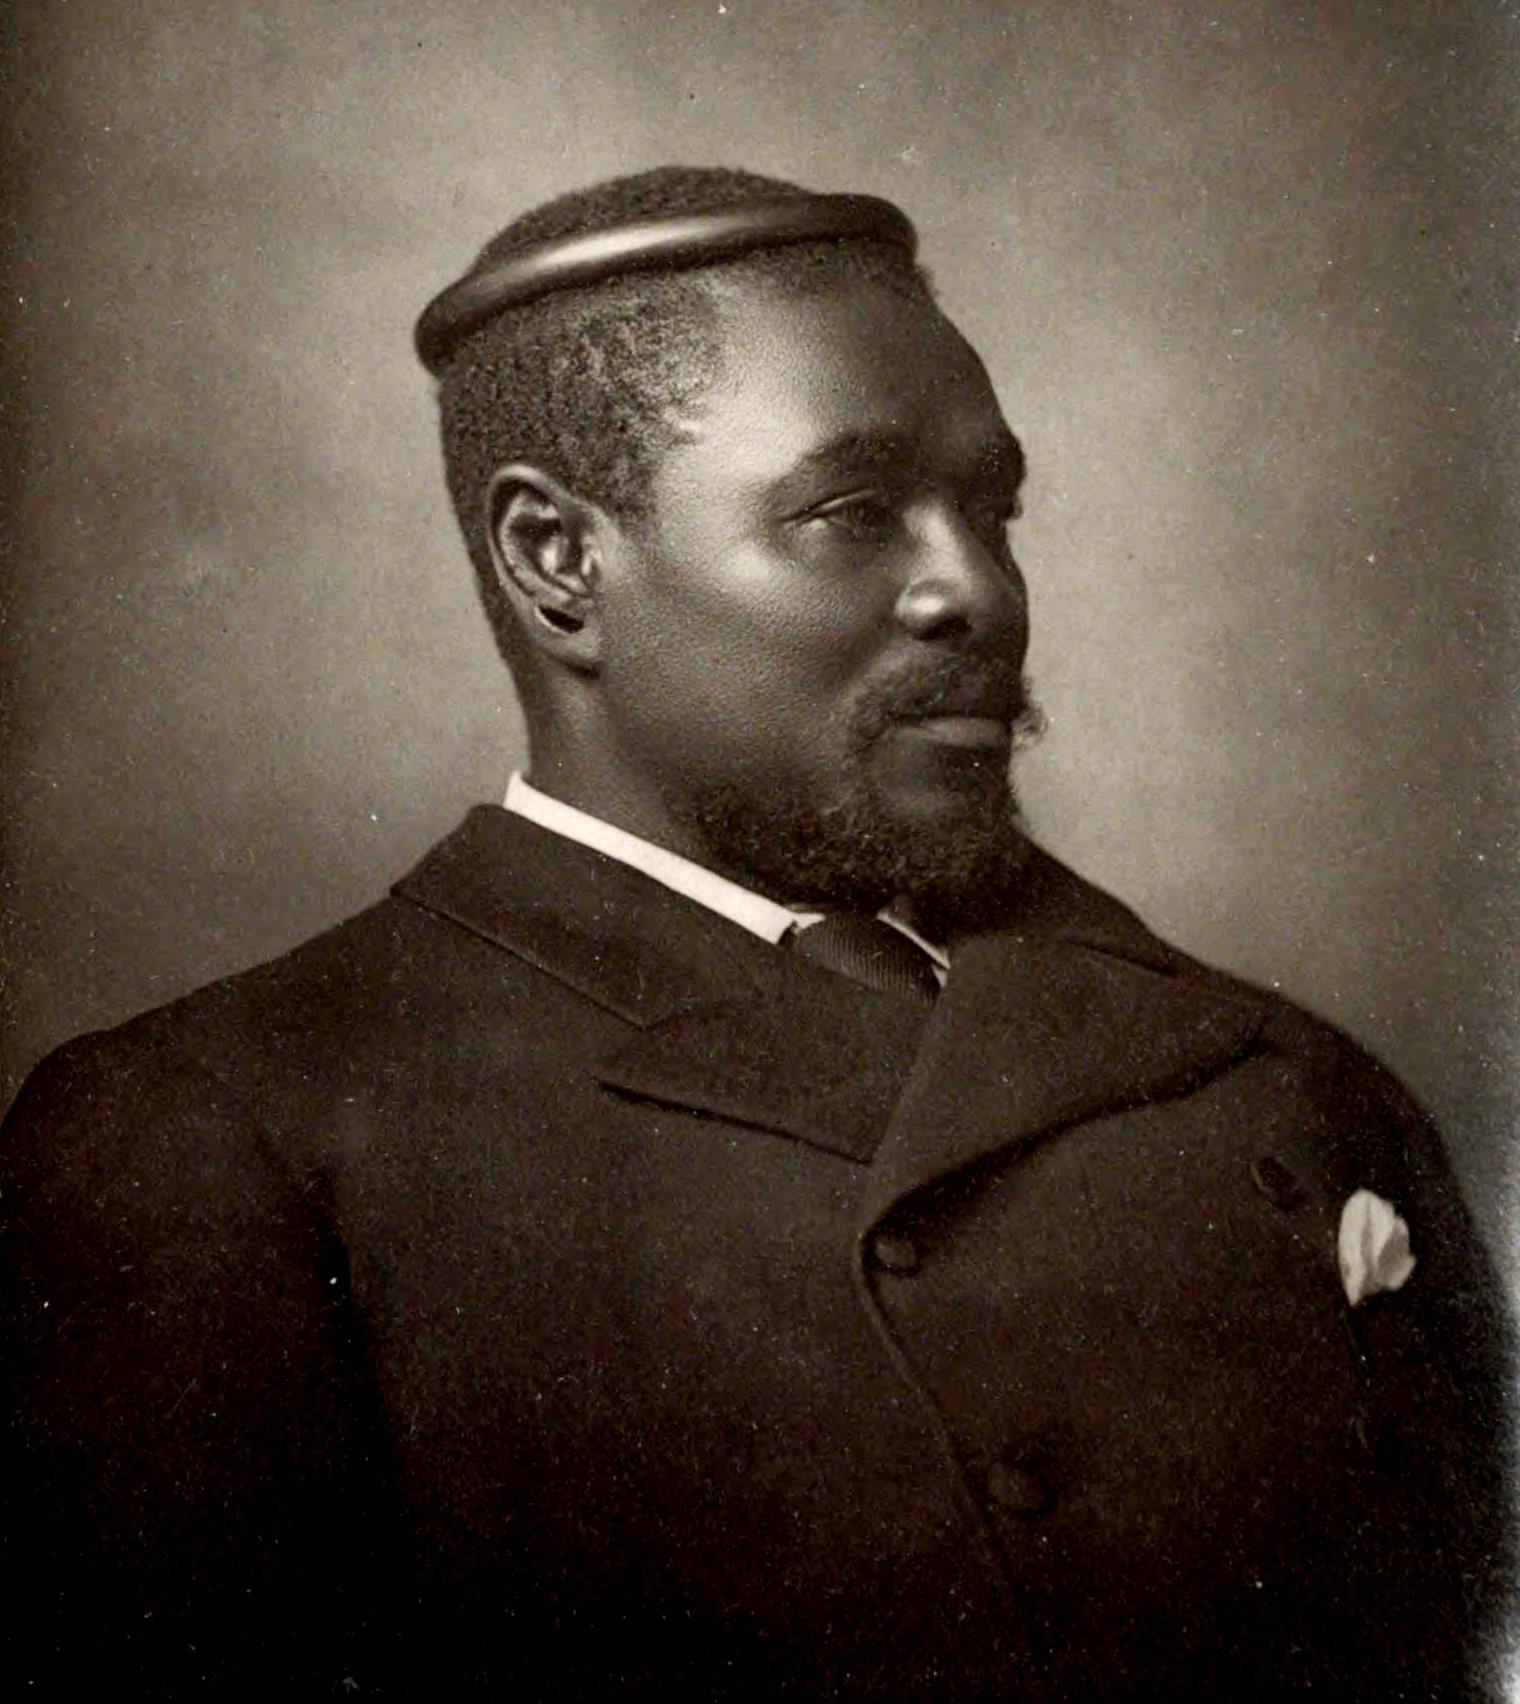 Cetshwayo kaMpande - Zulu King